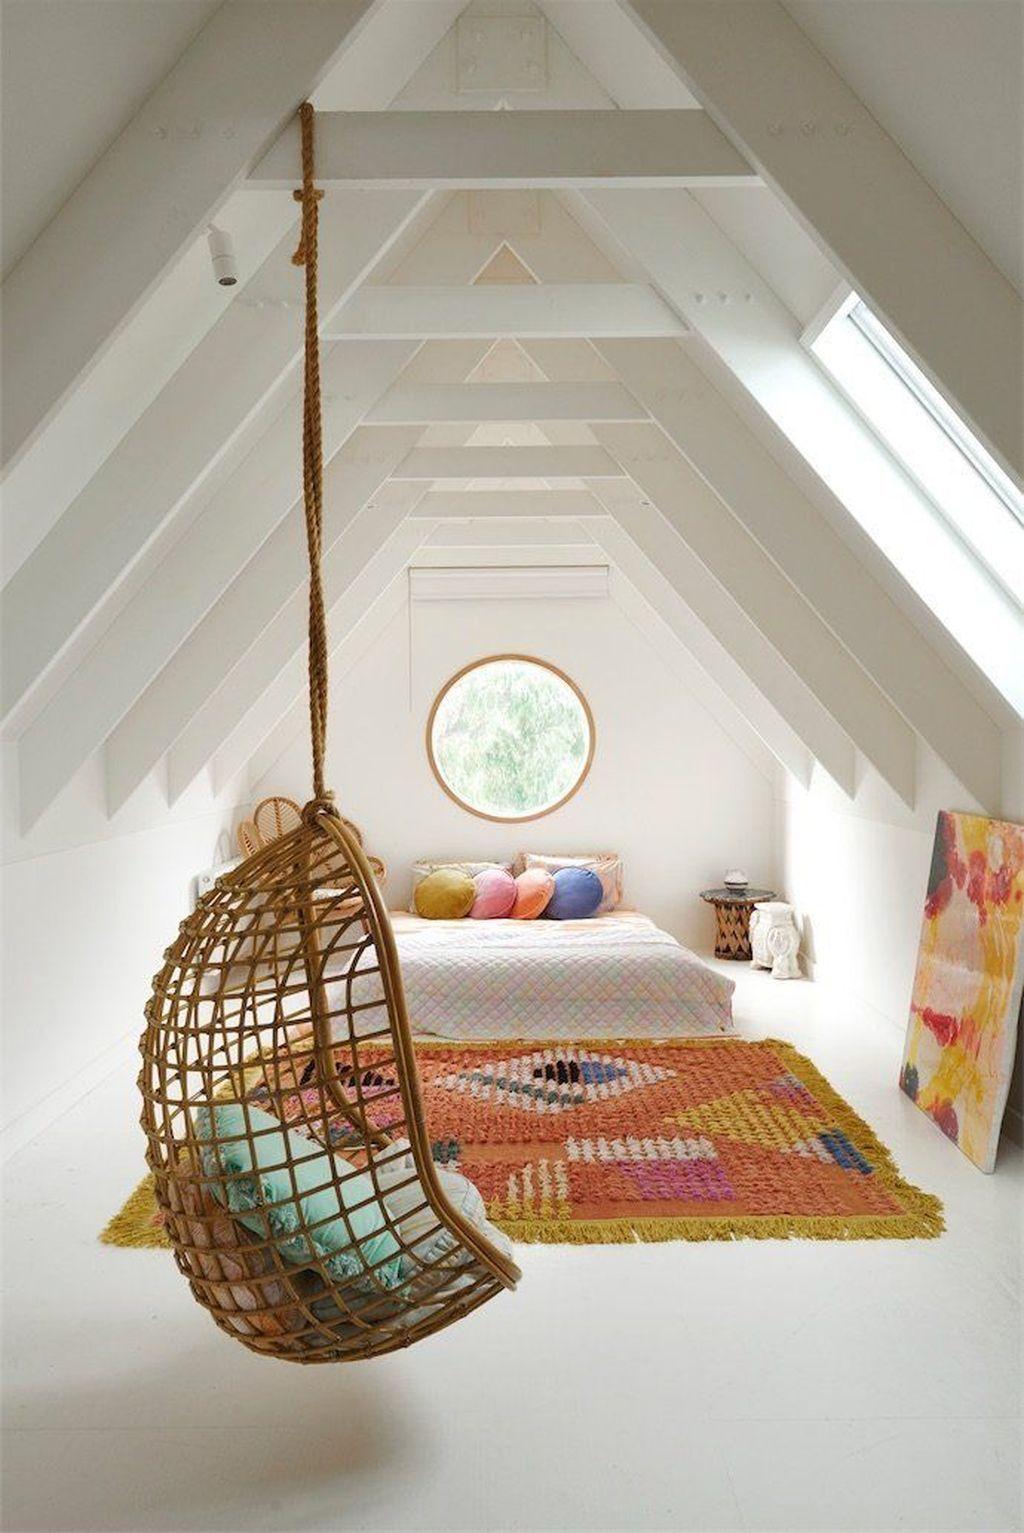 Small attic loft bedroom ideas   Stunning Small Attic Bedroom Design Ideas  BuB  Pinterest